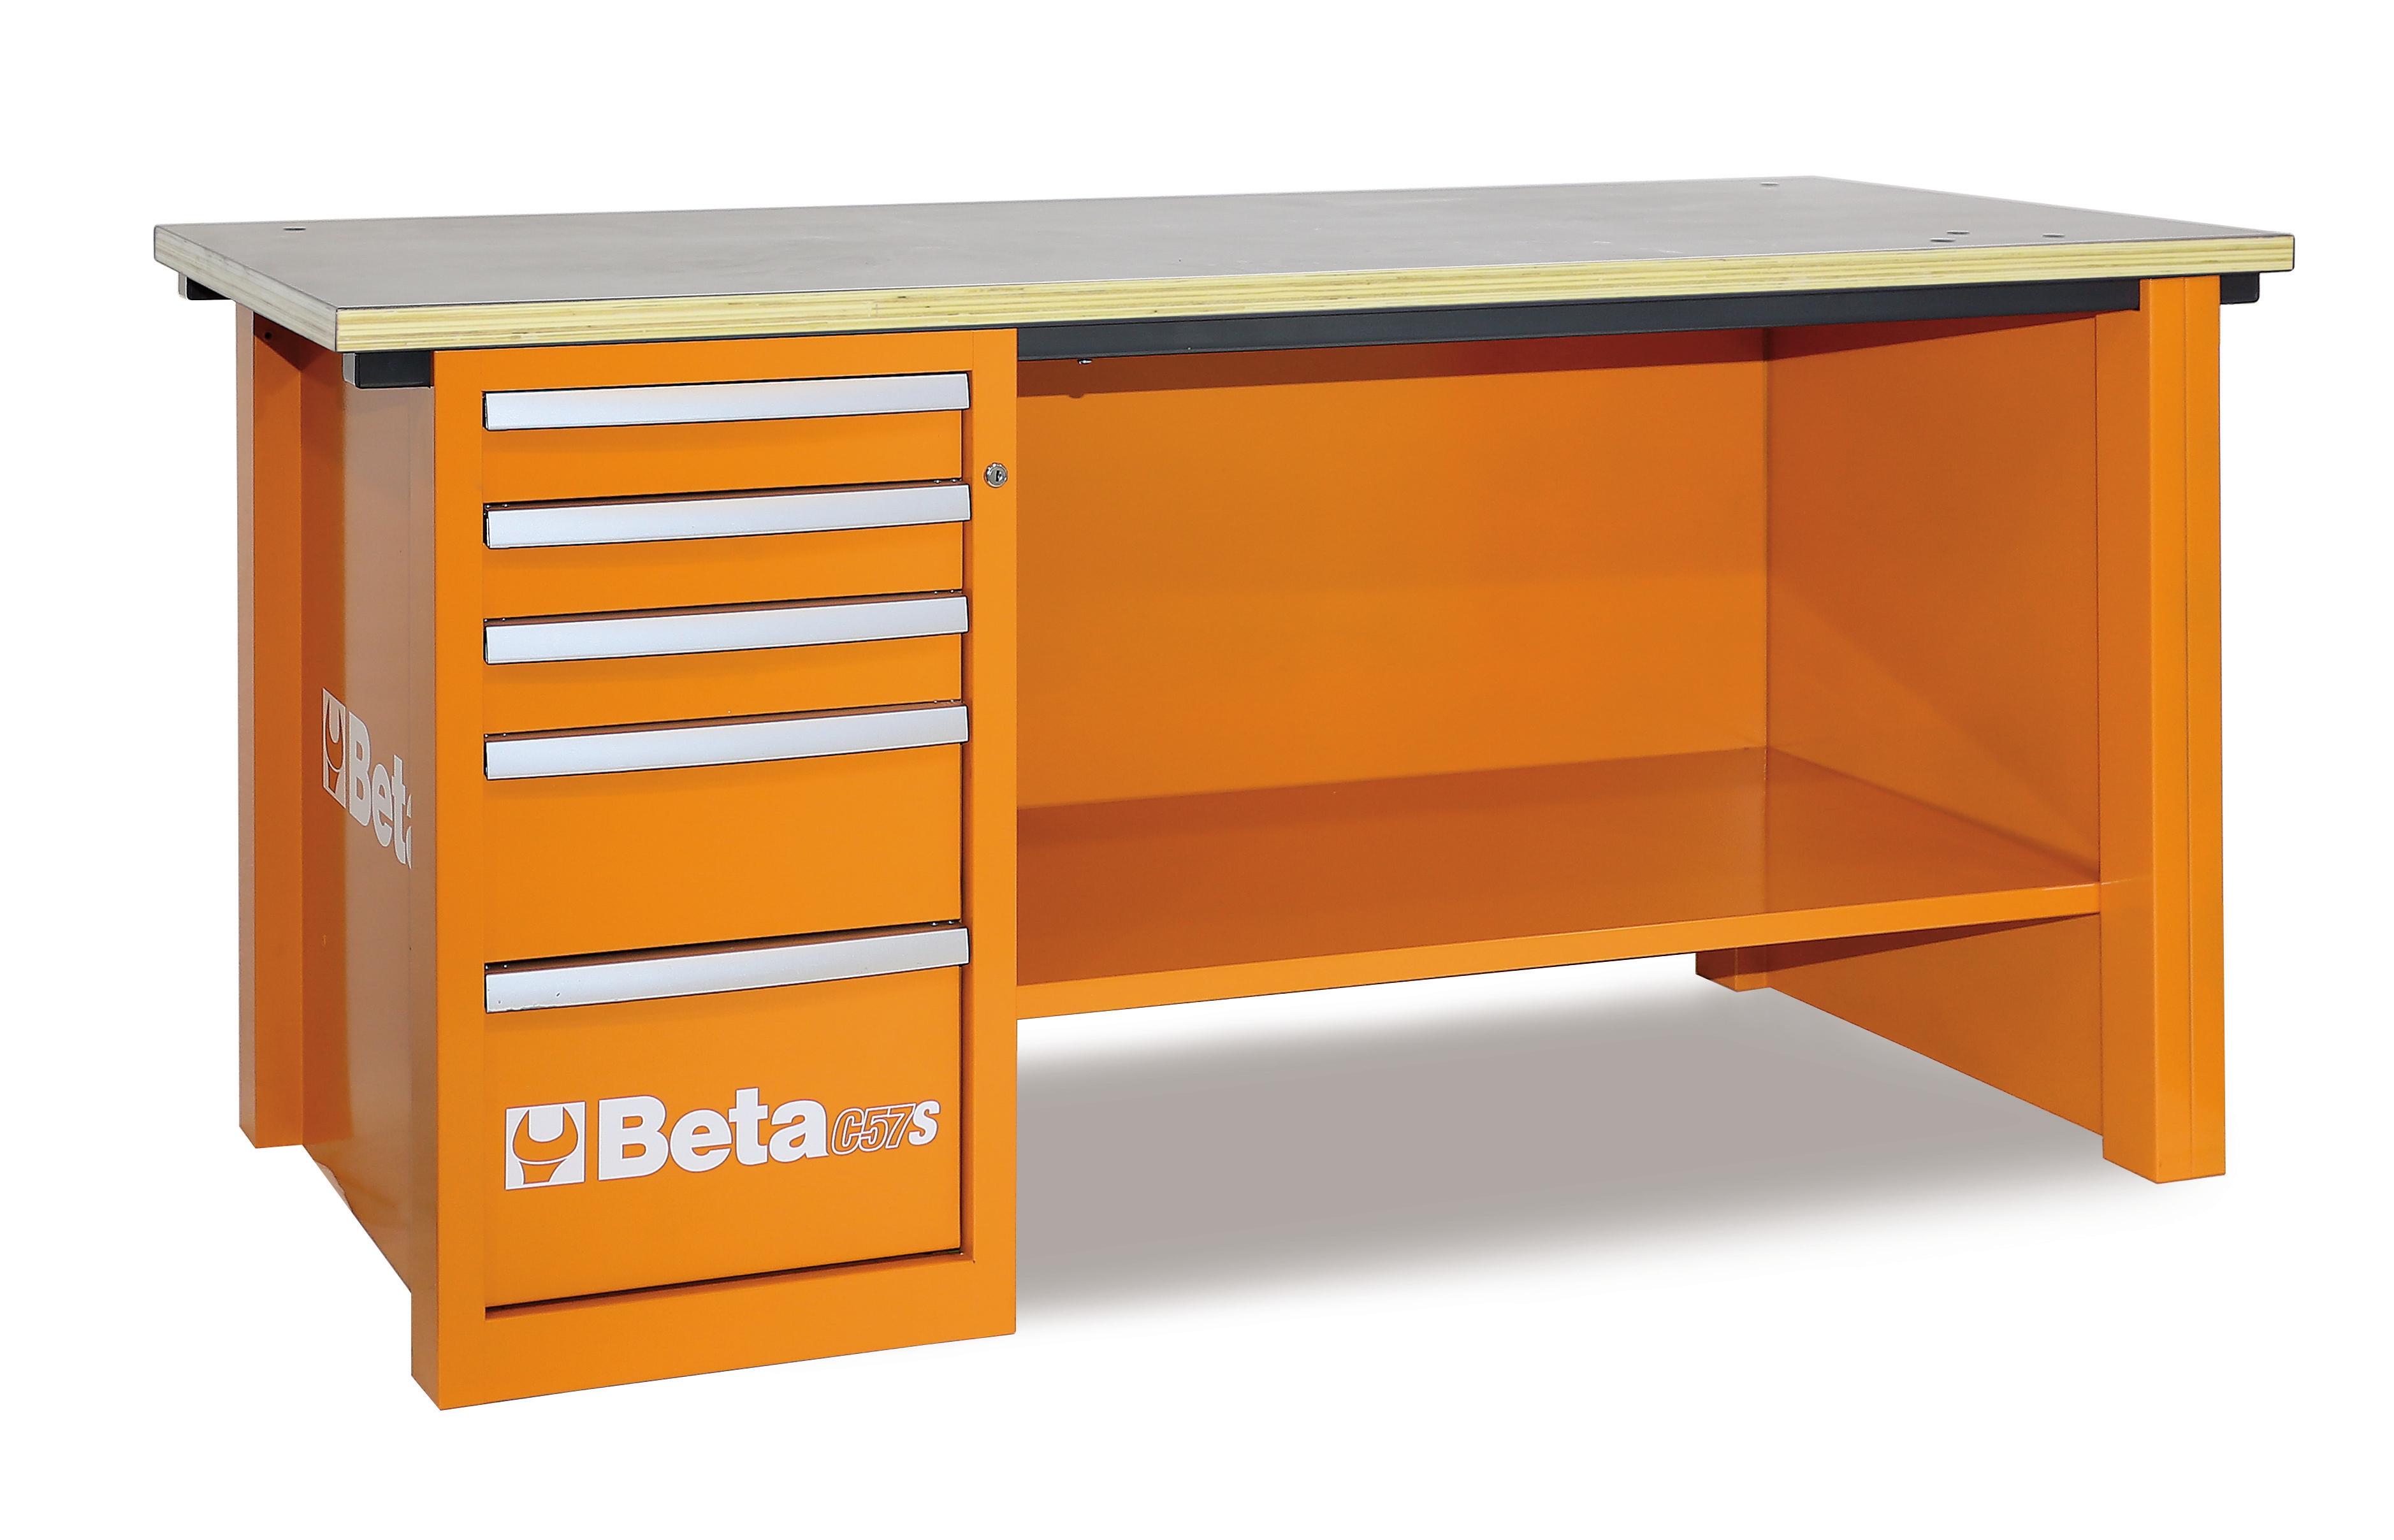 Banchi da lavoro C57S - 5700S - BETA Utensili